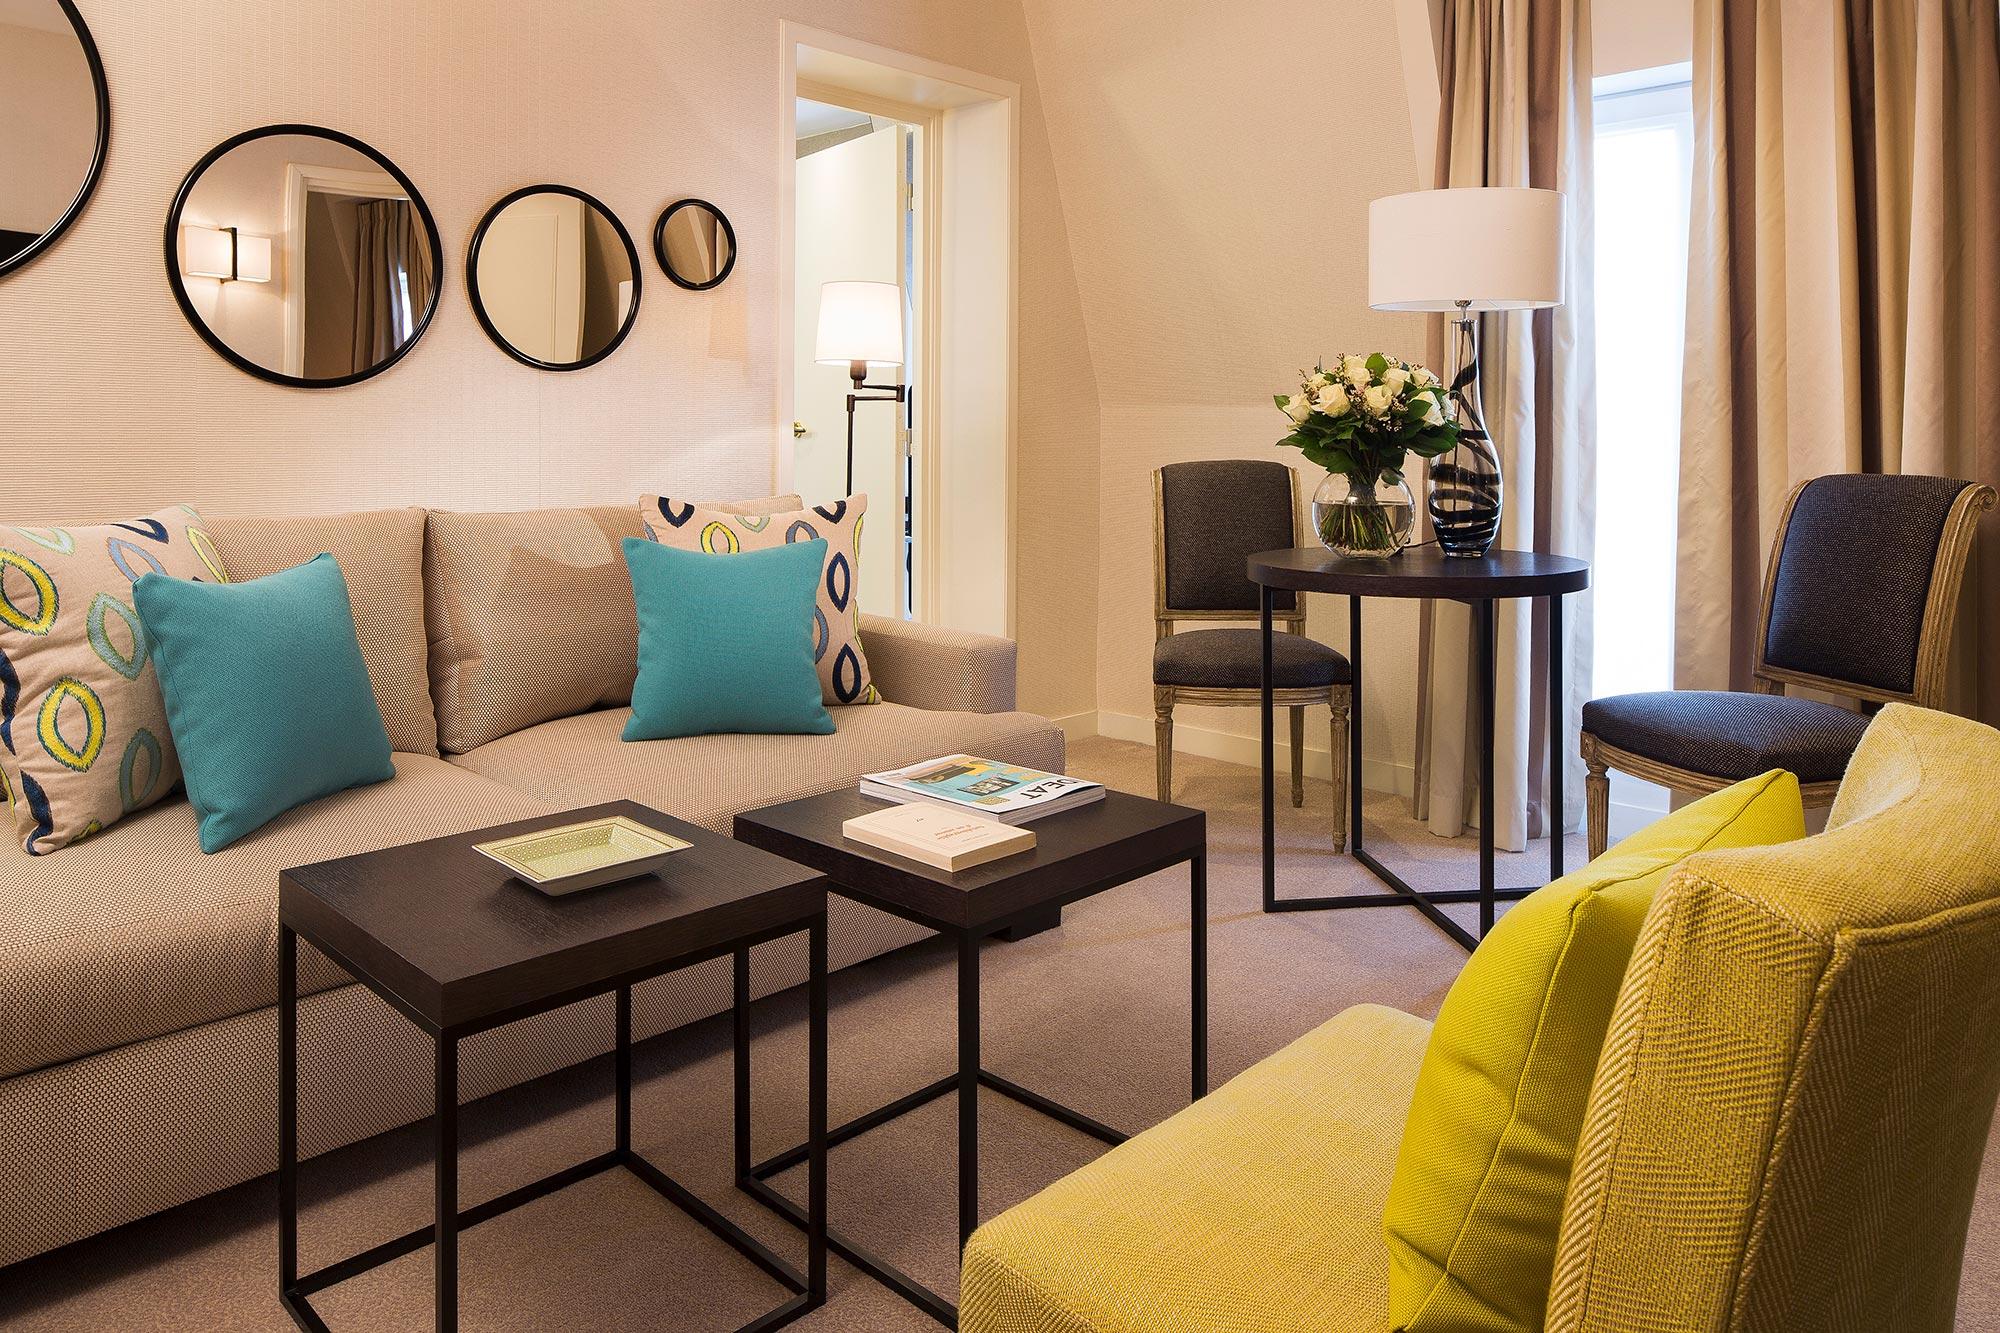 Salon d'une suite avec canapé et fauteuil couleurs beige et jaune, détails déco et coussins bleu, tables basses avec livres et bouquet de fleurs